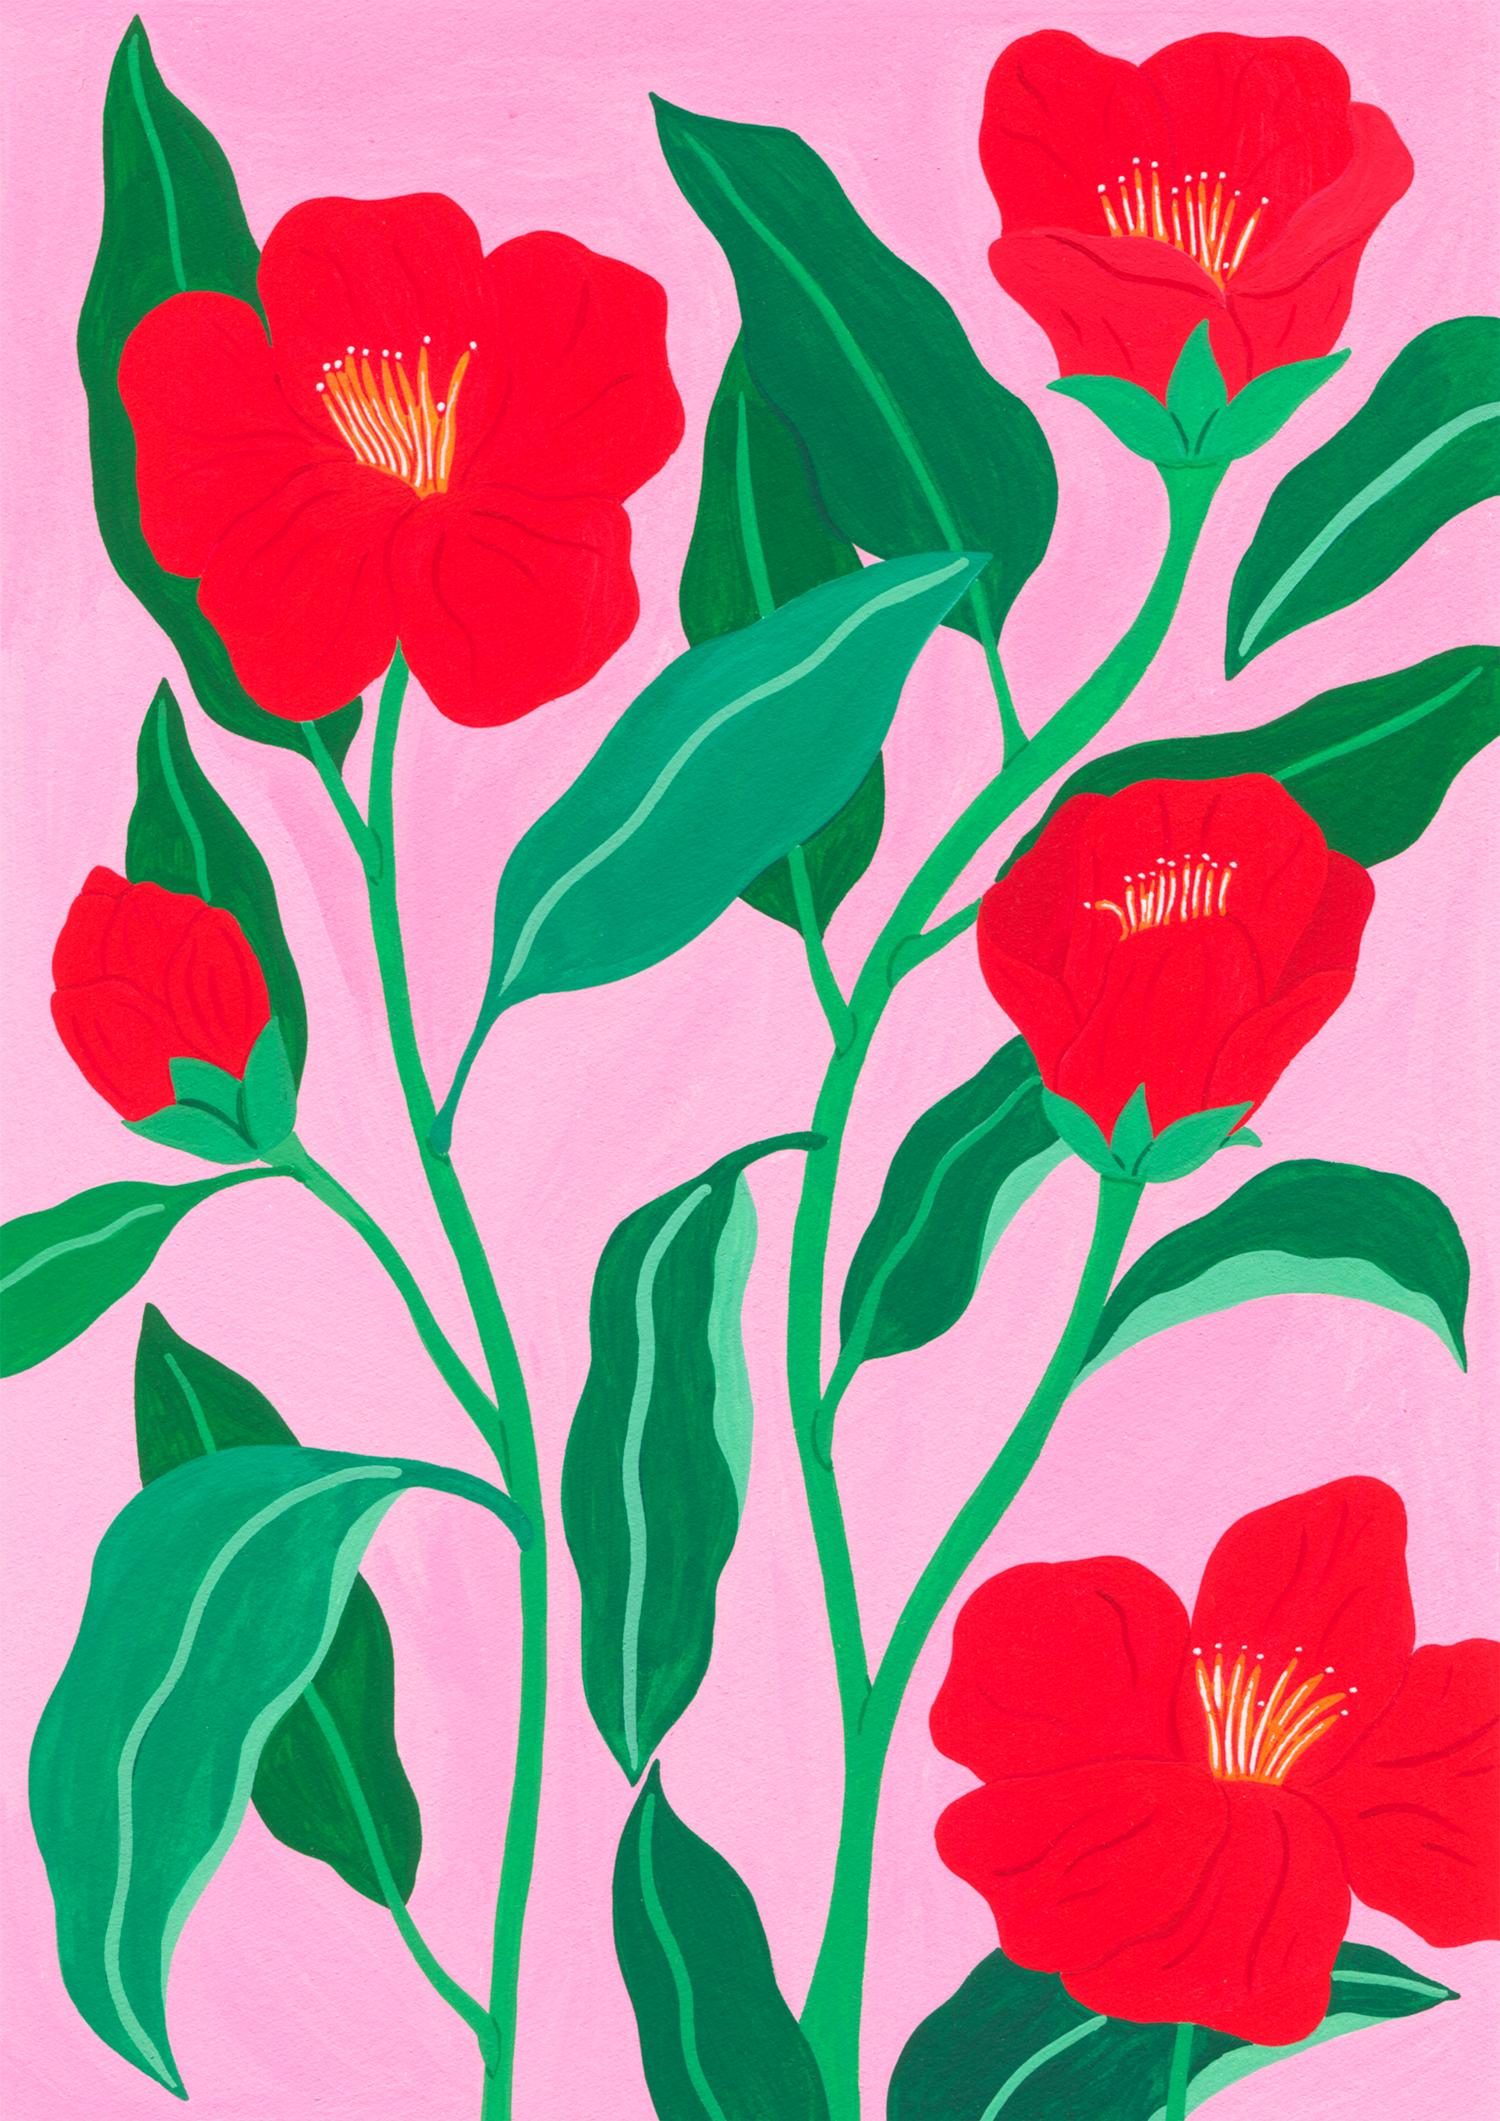 Marie-pellet-illustrations-gouache-Camellias-hongkongensis-fleurs-projet-personnel-portfolio